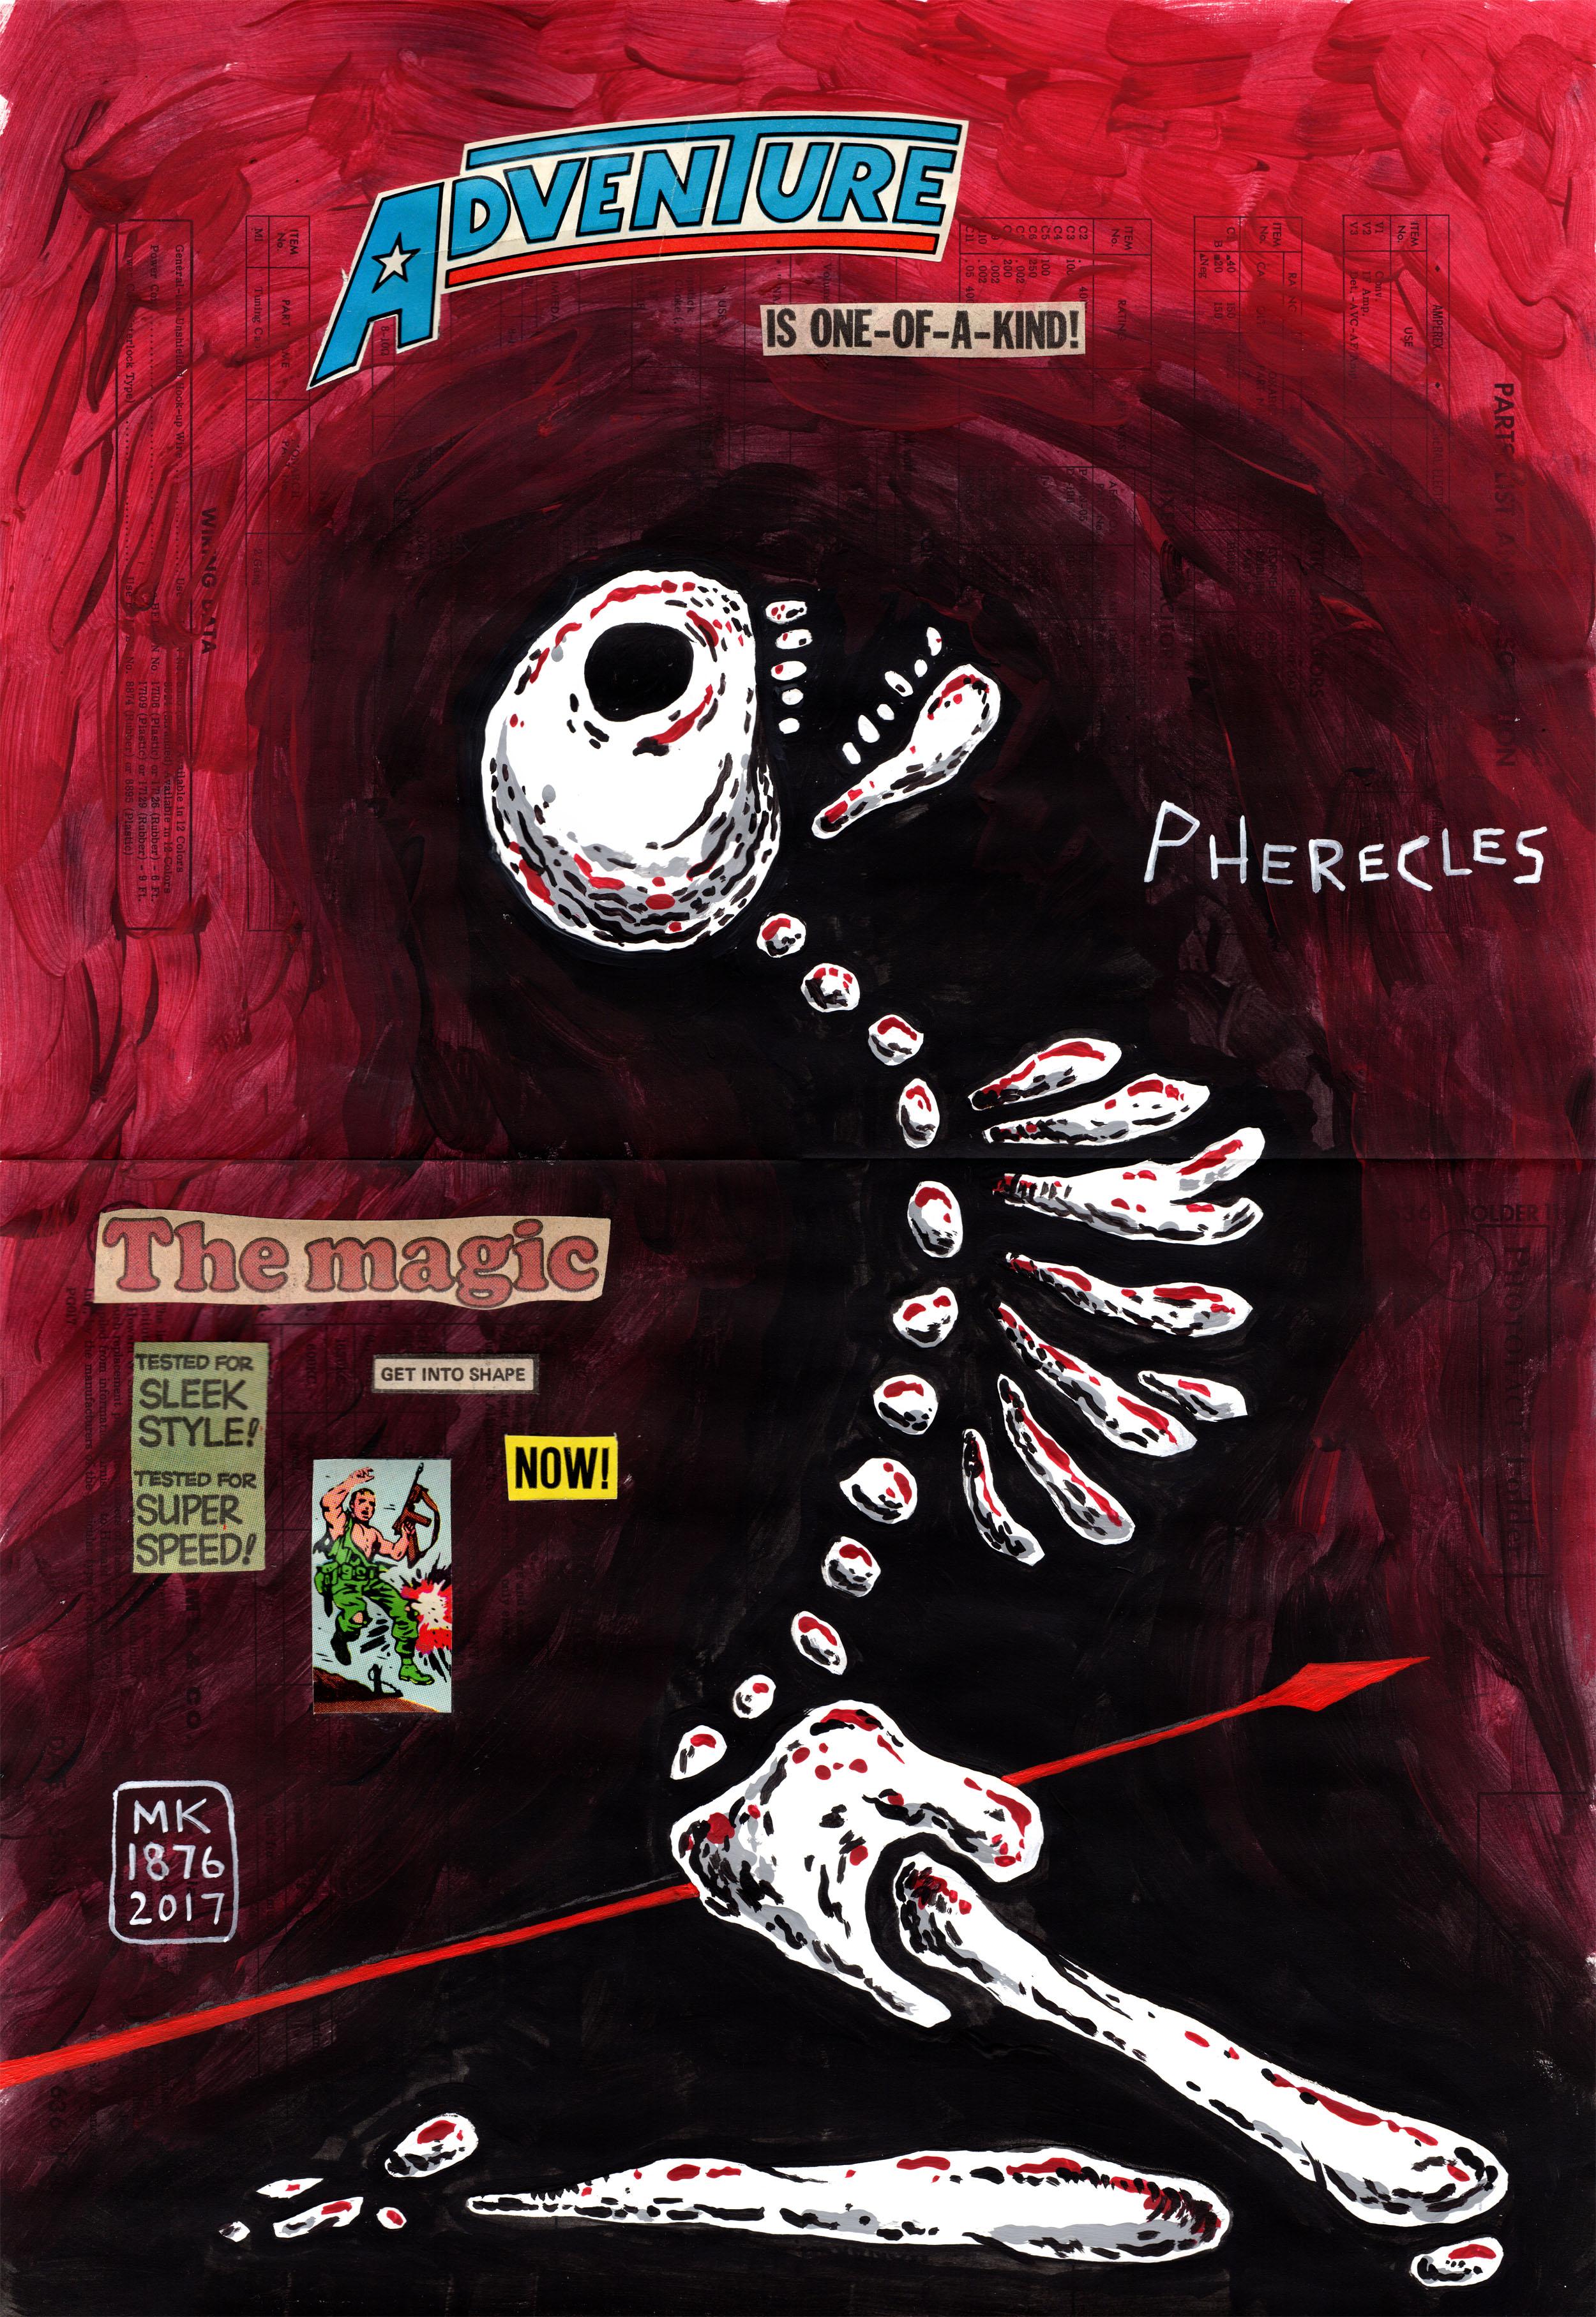 Pherecles